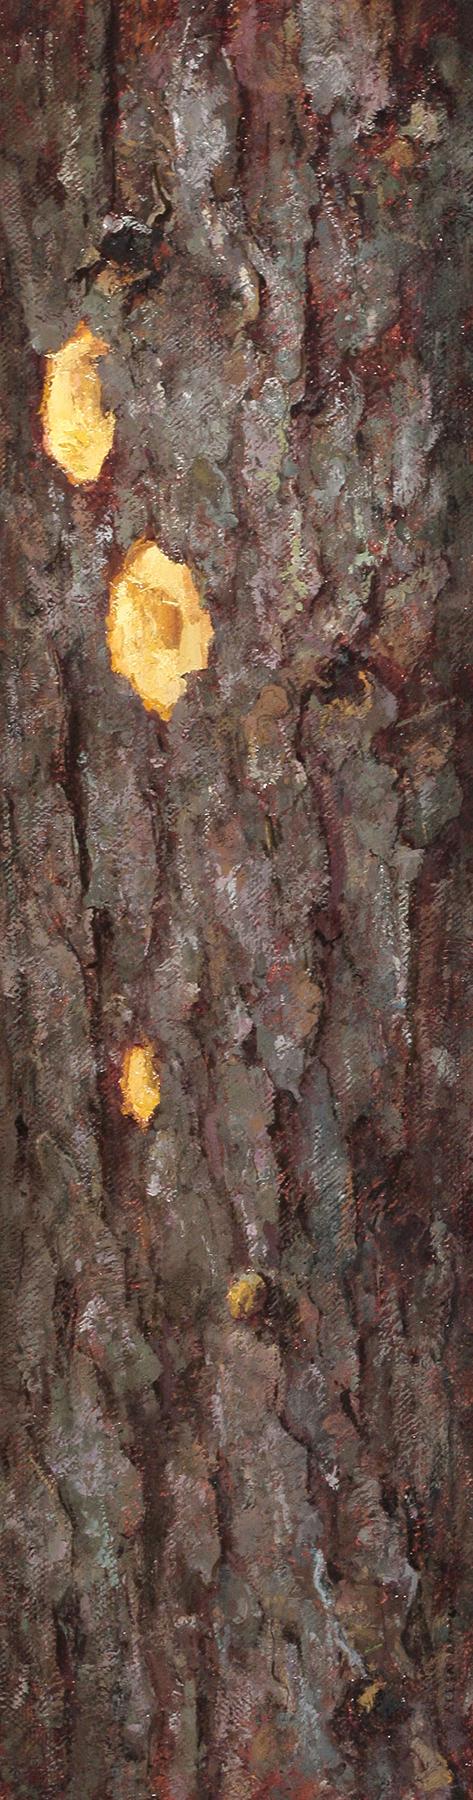 Bark - Spruce